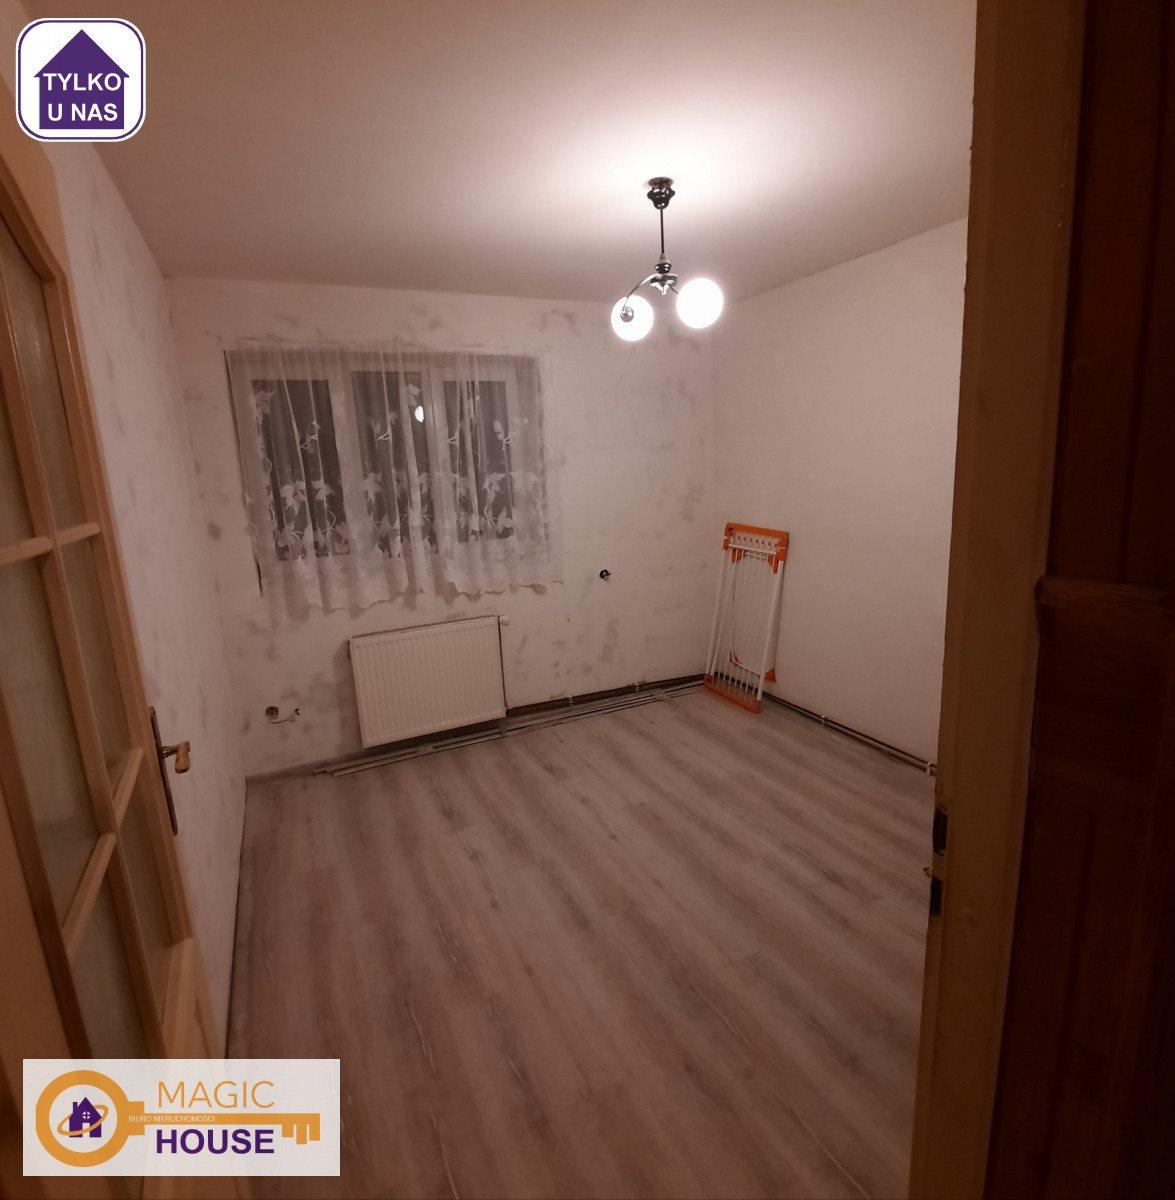 Mieszkanie trzypokojowe na sprzedaż Nowy Dwór Gdański, Plac Wolności  67m2 Foto 2